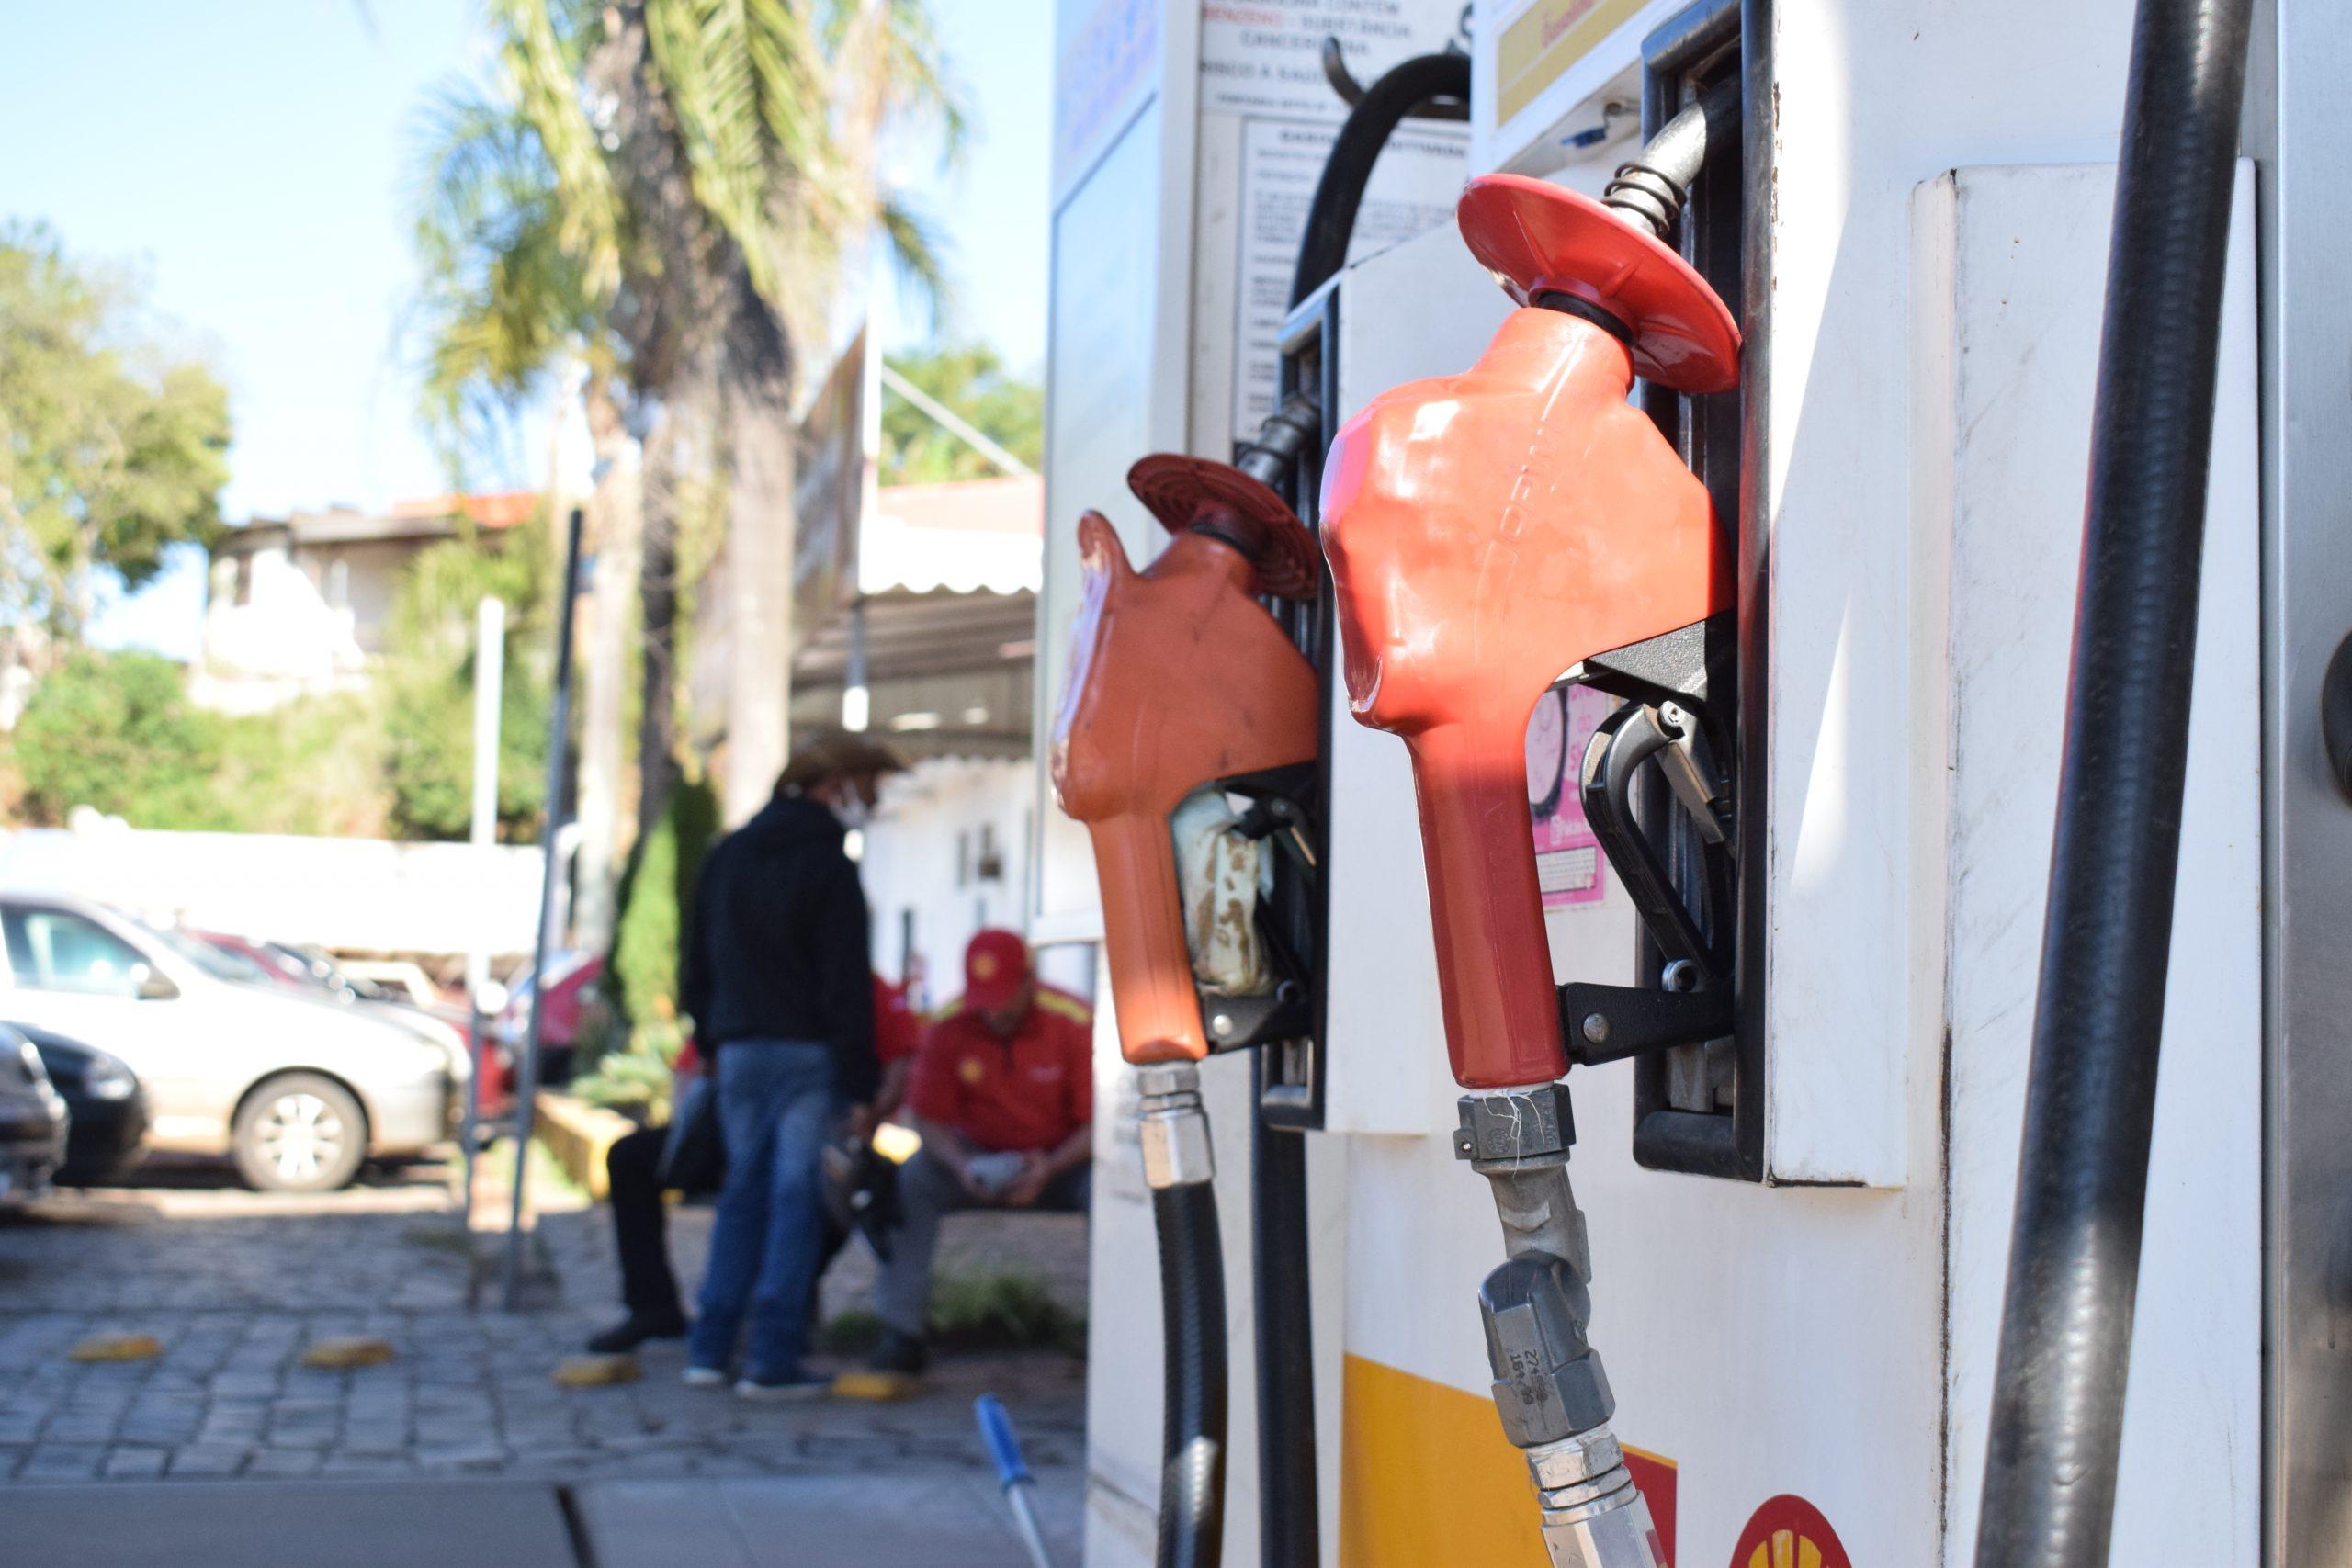 Melhor e mais cara, nova gasolina chega aos postos segunda